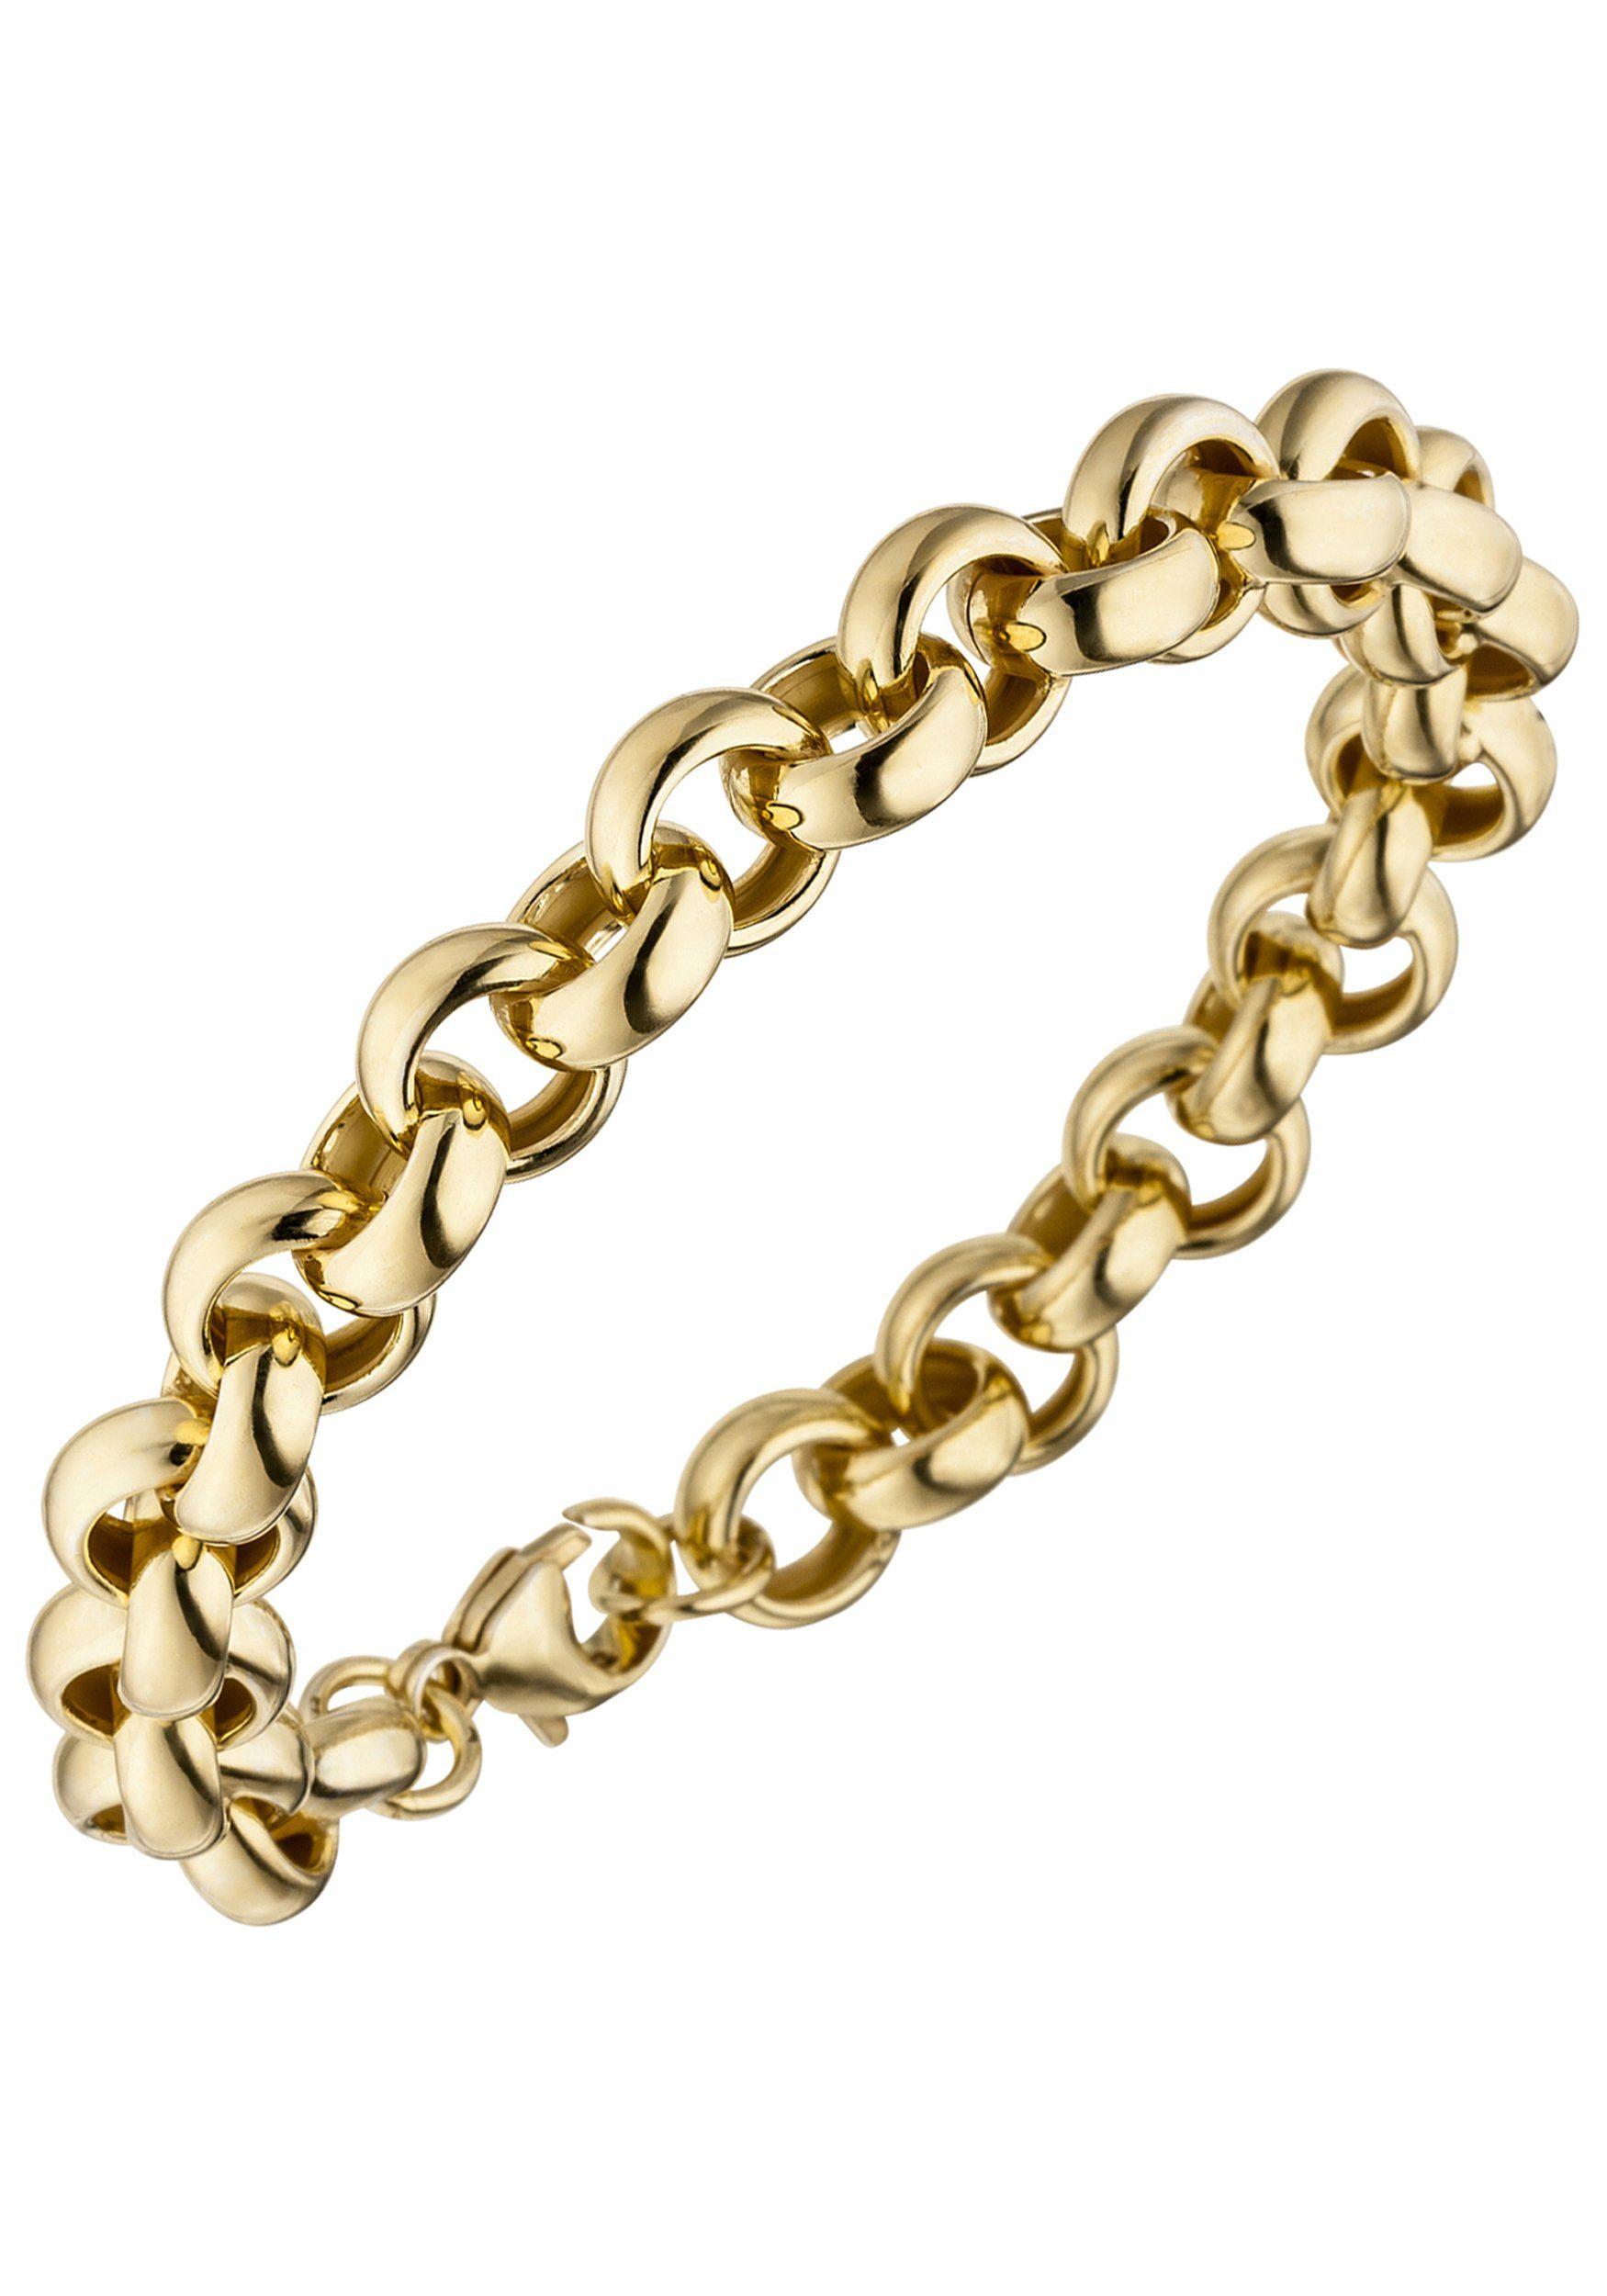 JOBO Armband 925 Silber vergoldet 21 cm